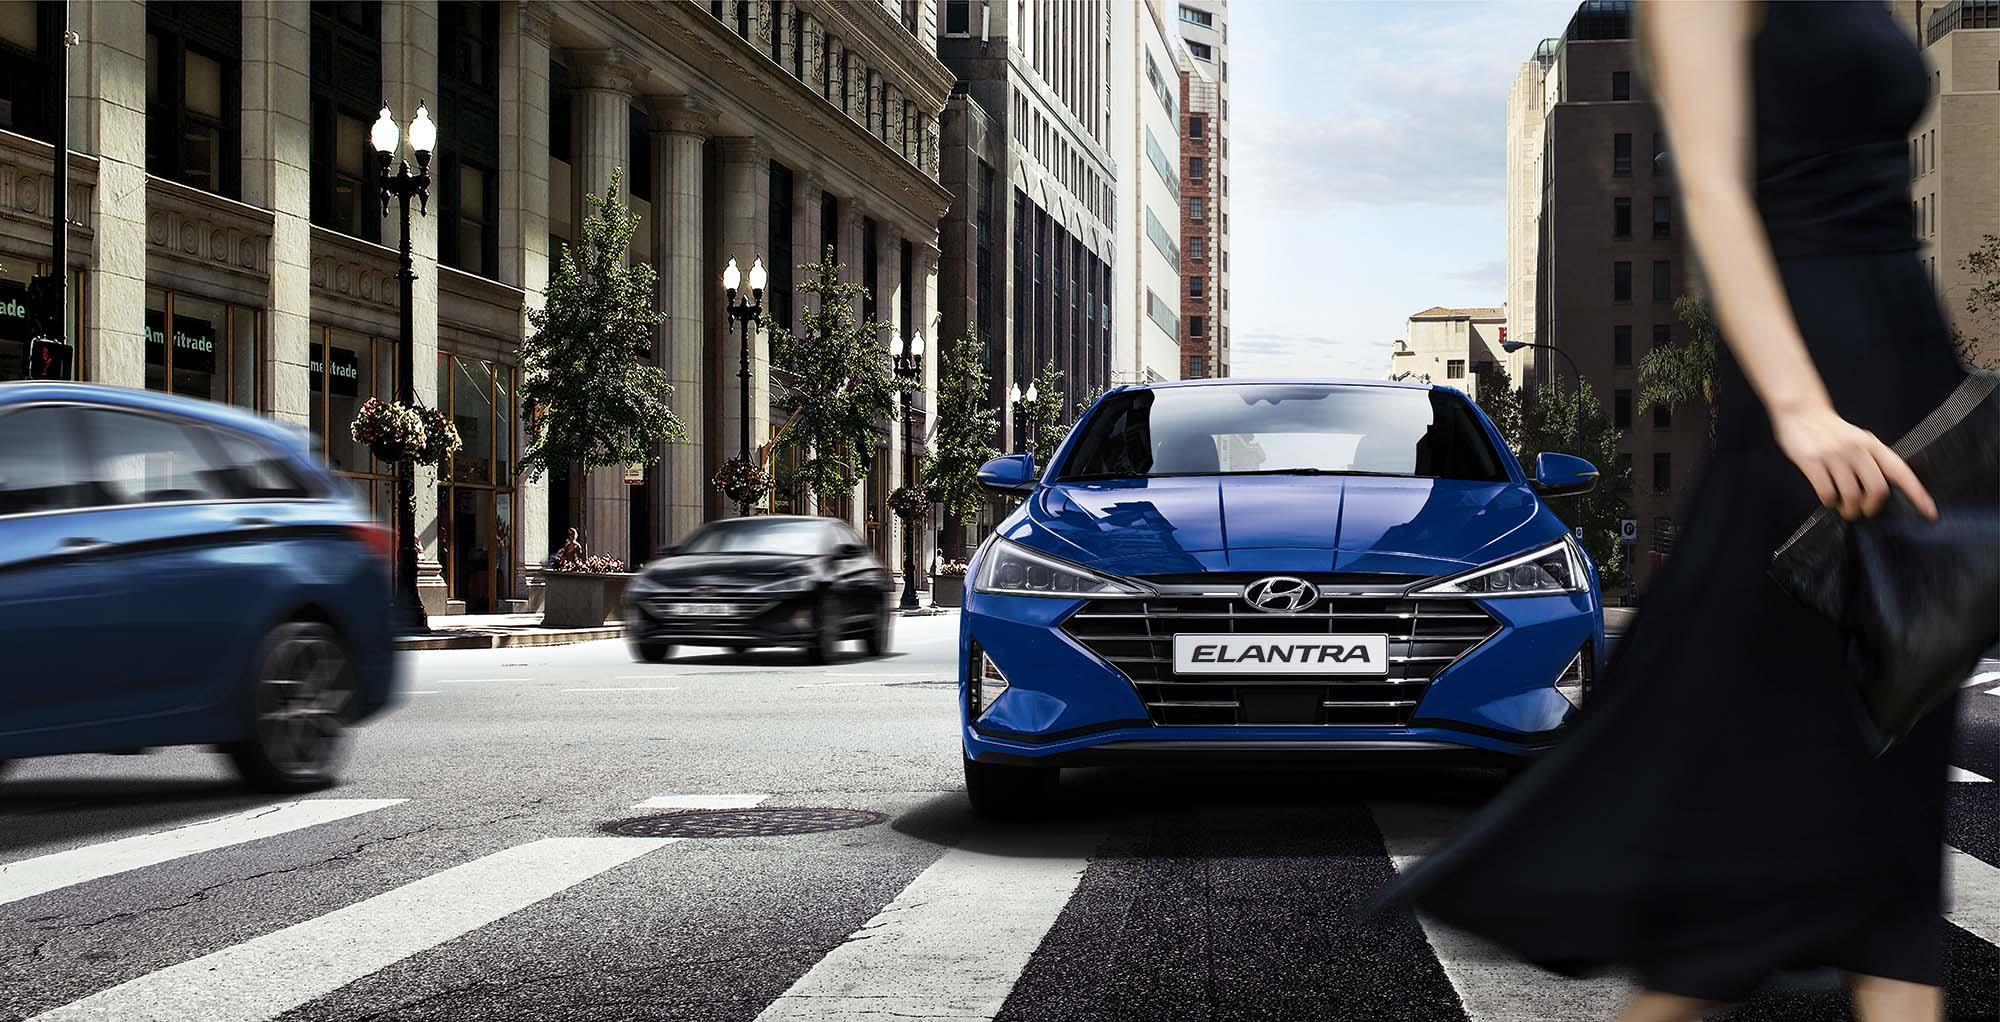 21 年式 Hyundai Elantra 預售開跑,70.9 萬起有跟車系統、車道輔助